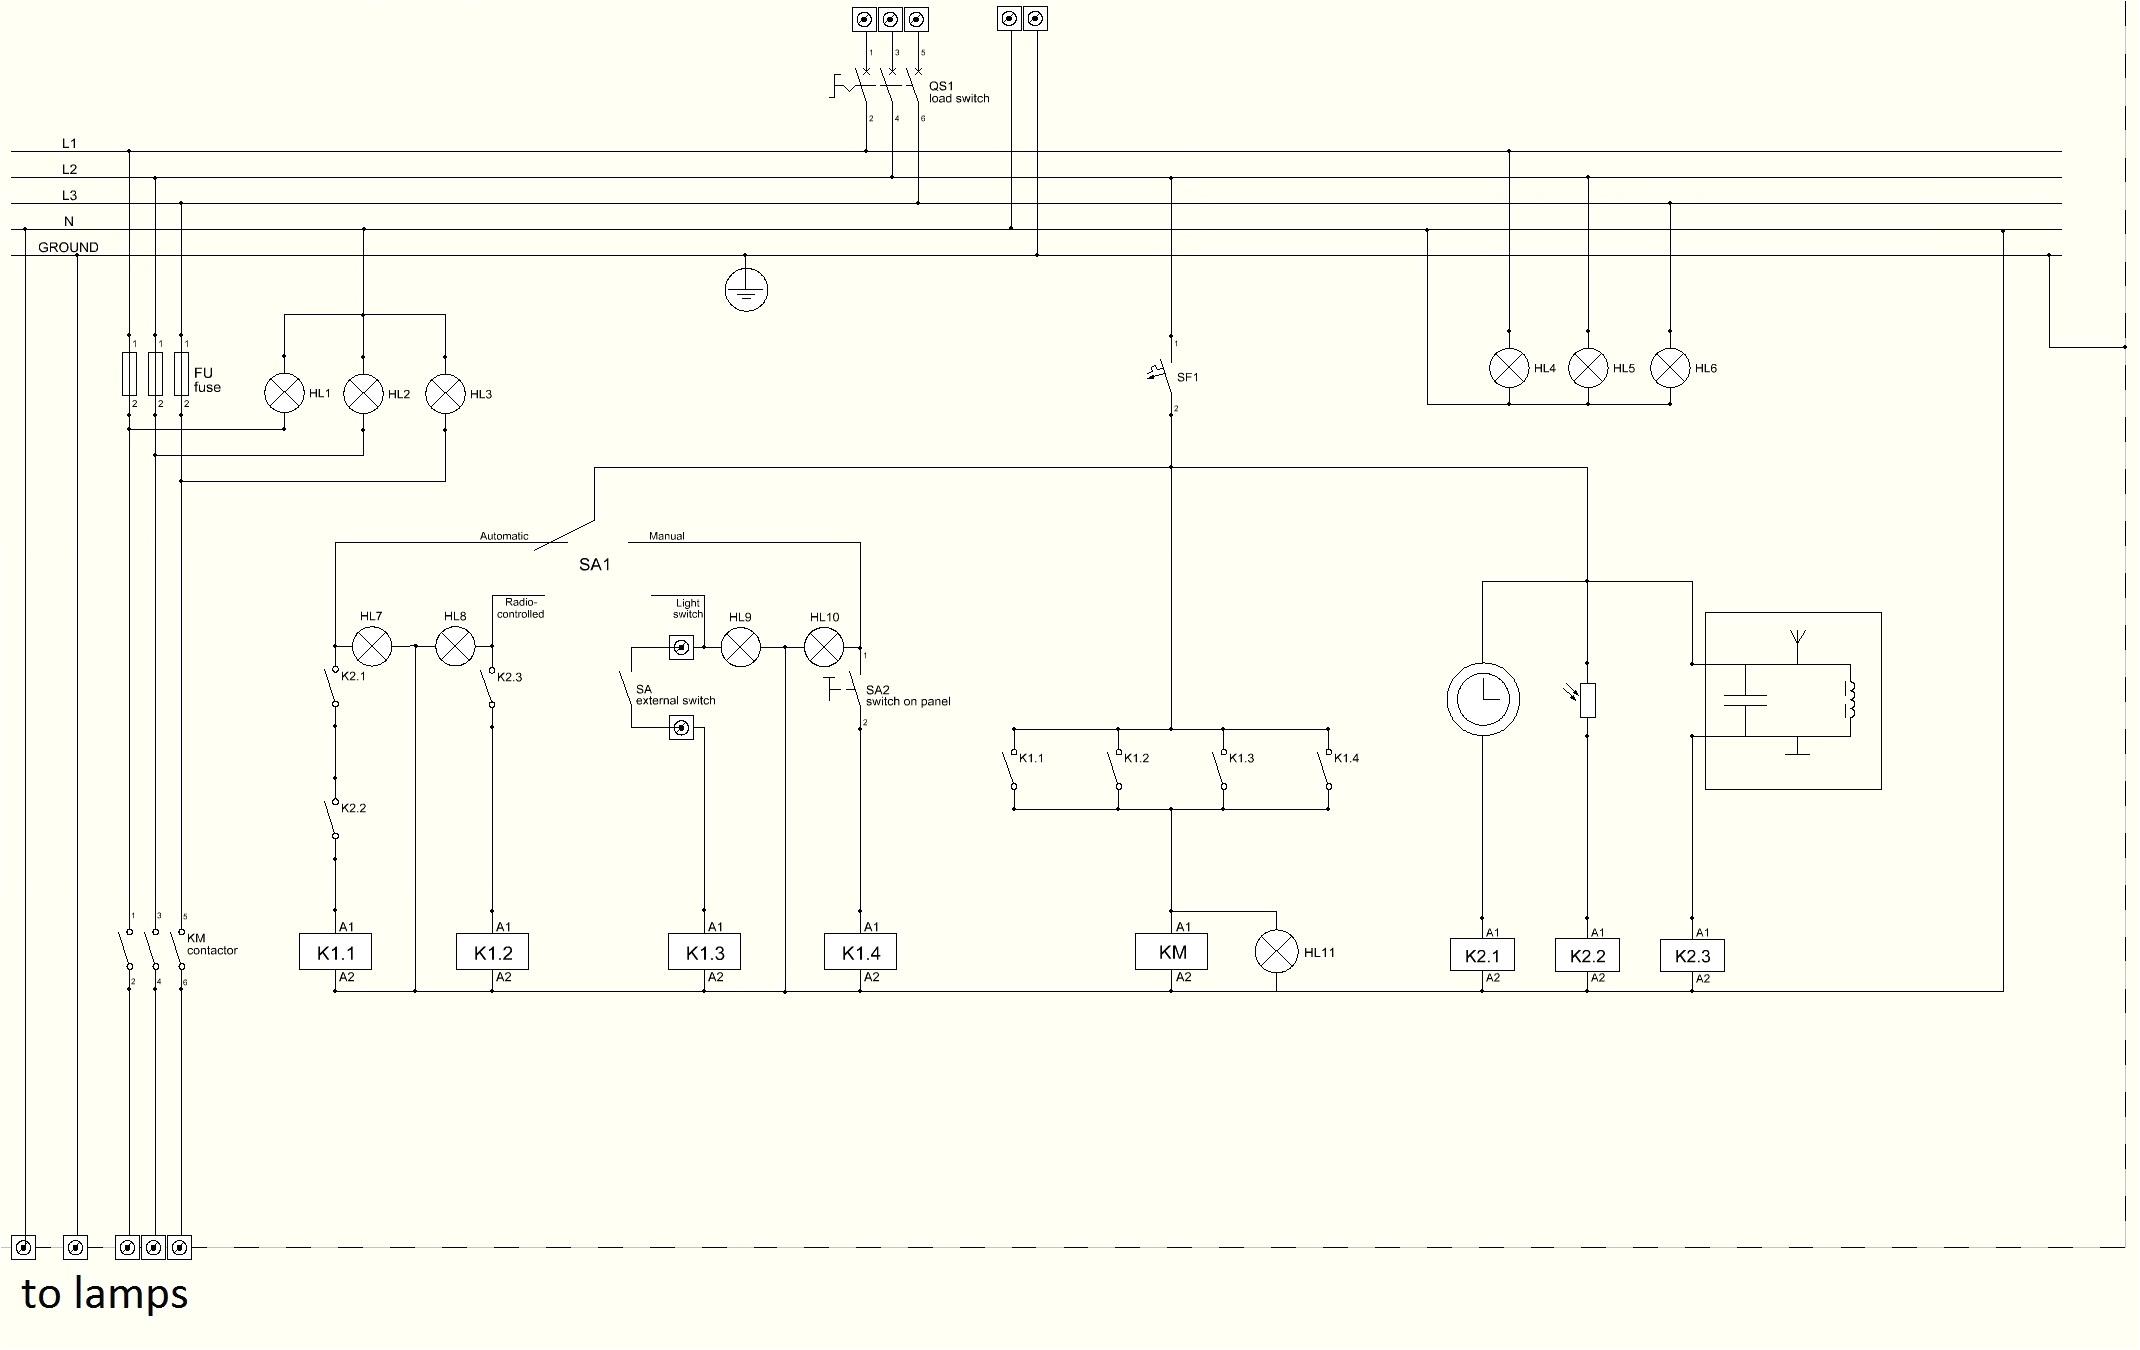 lighting control panel wiring diagram pdf wiring diagram user control panel wiring diagram pdf control panel wiring diagram pdf